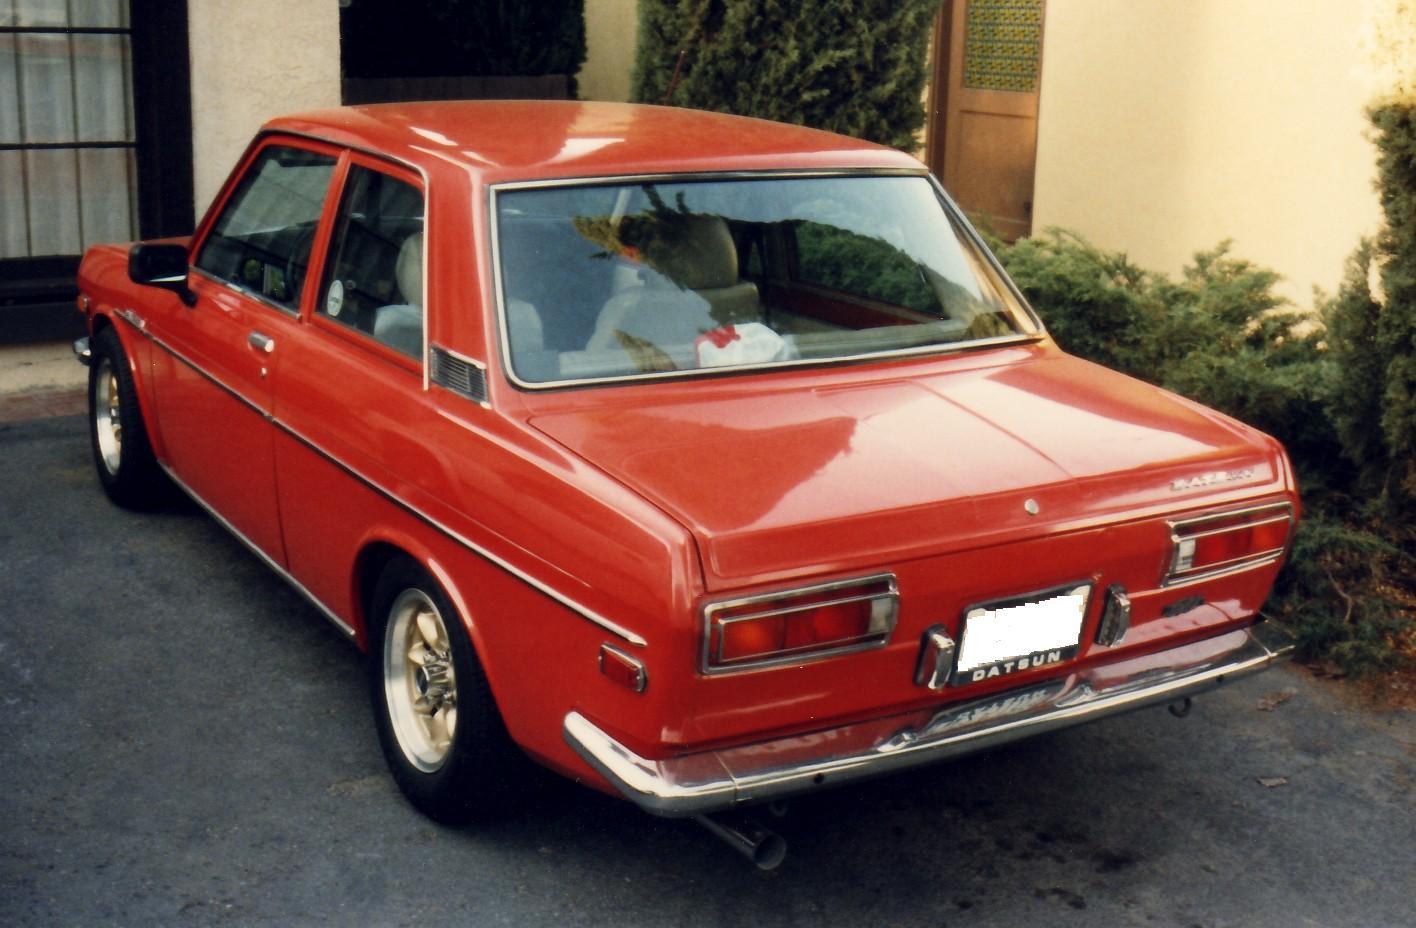 Circa '85